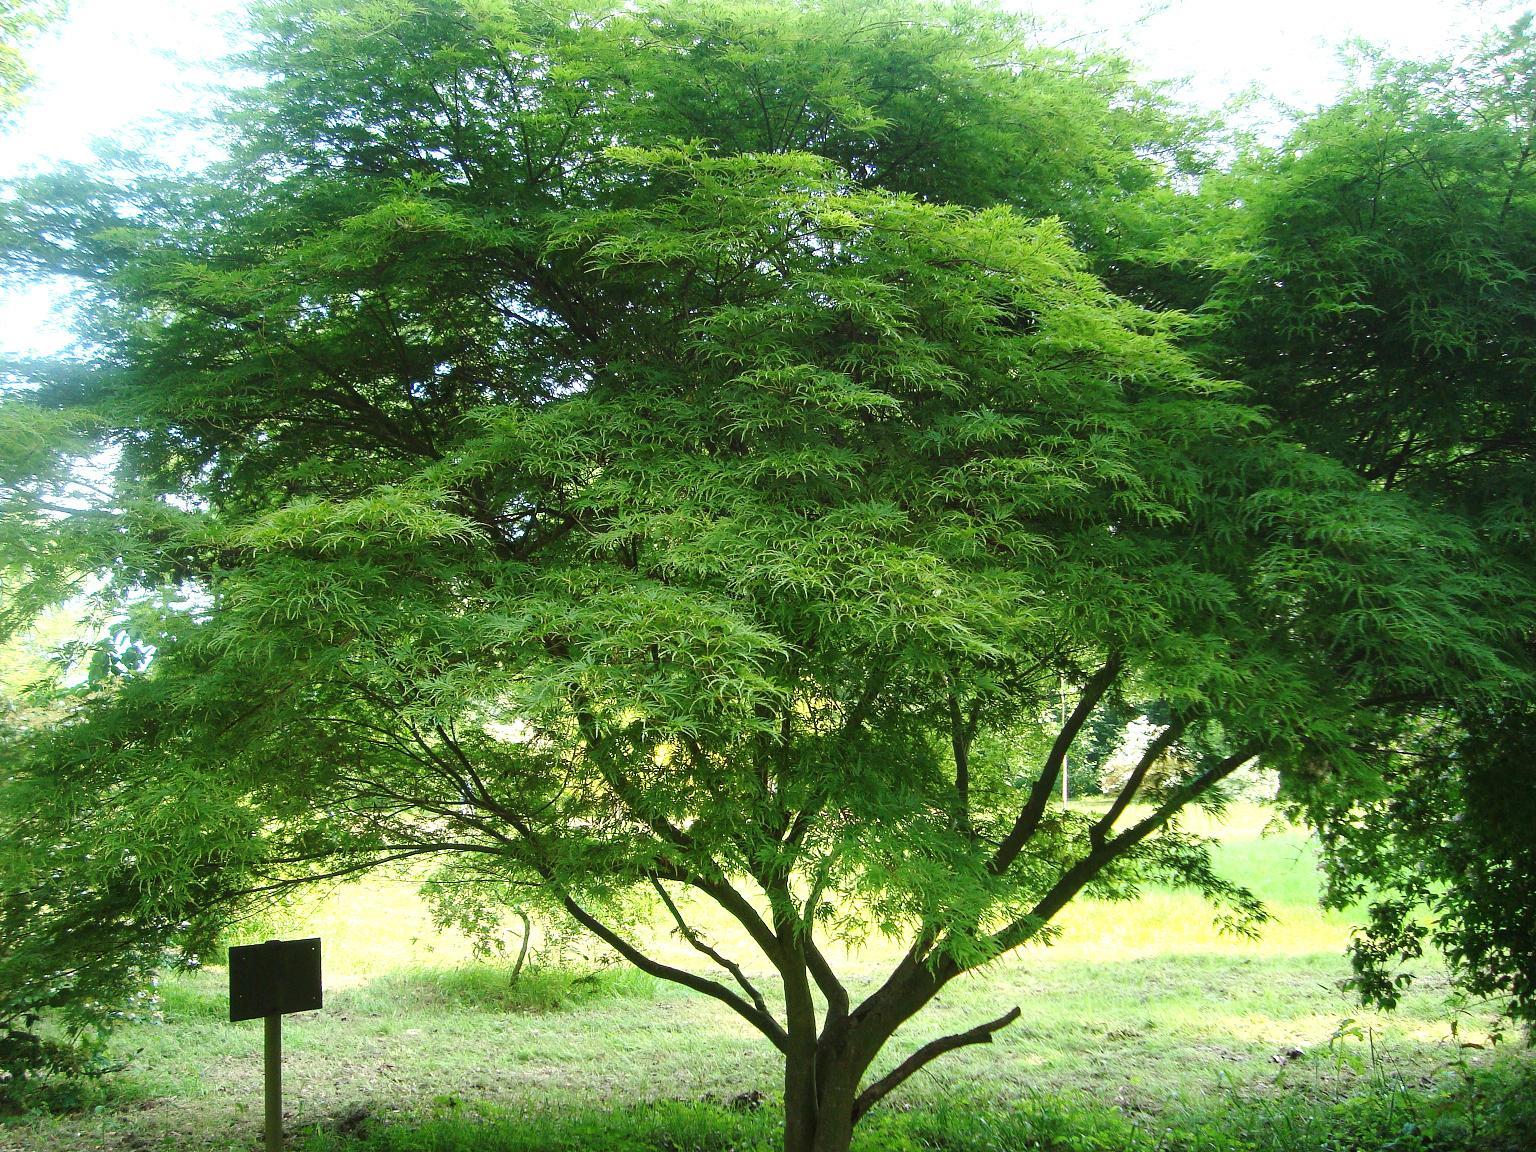 Le blog de parcs et jardins de l 39 oise sortie en thi rache for Les arbres du jardin